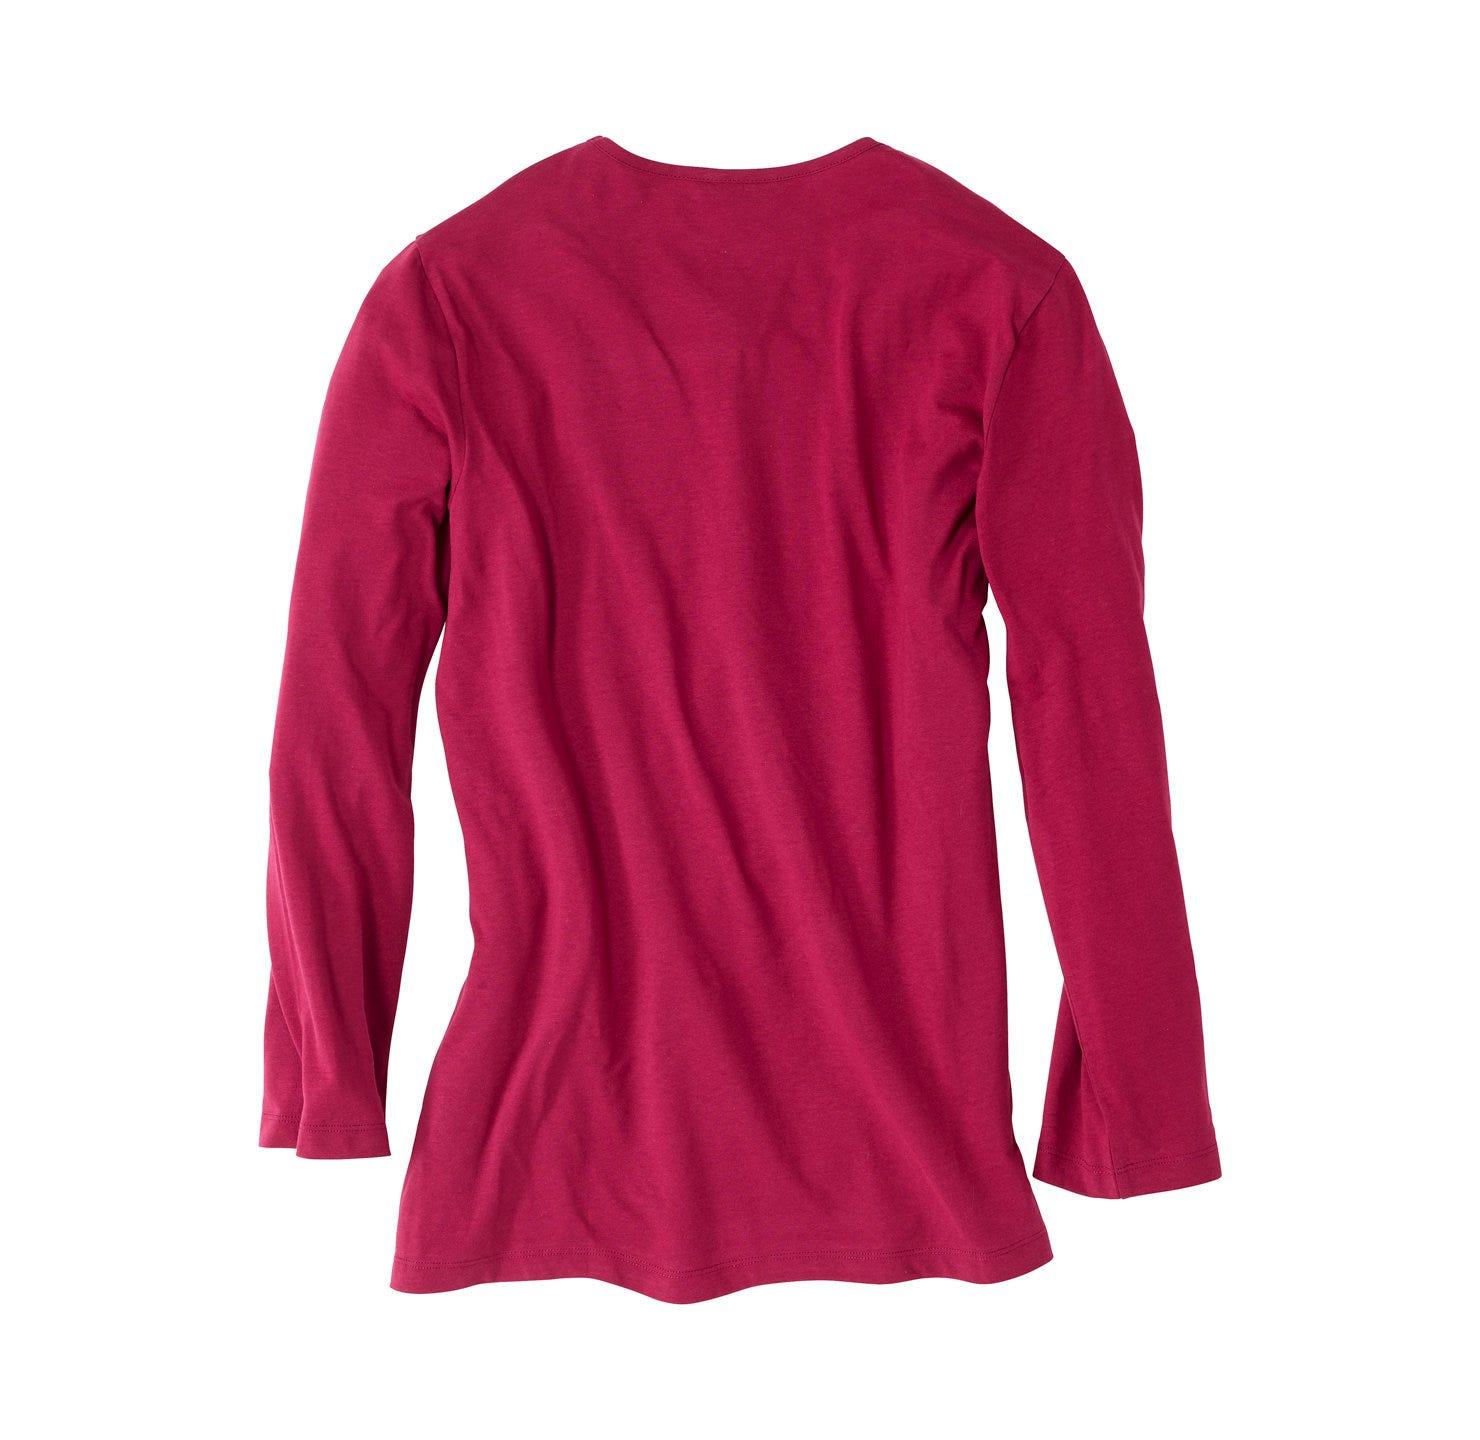 Große Mode von NKD ⇒ Damenmode in großen Größen | NKD | NKD